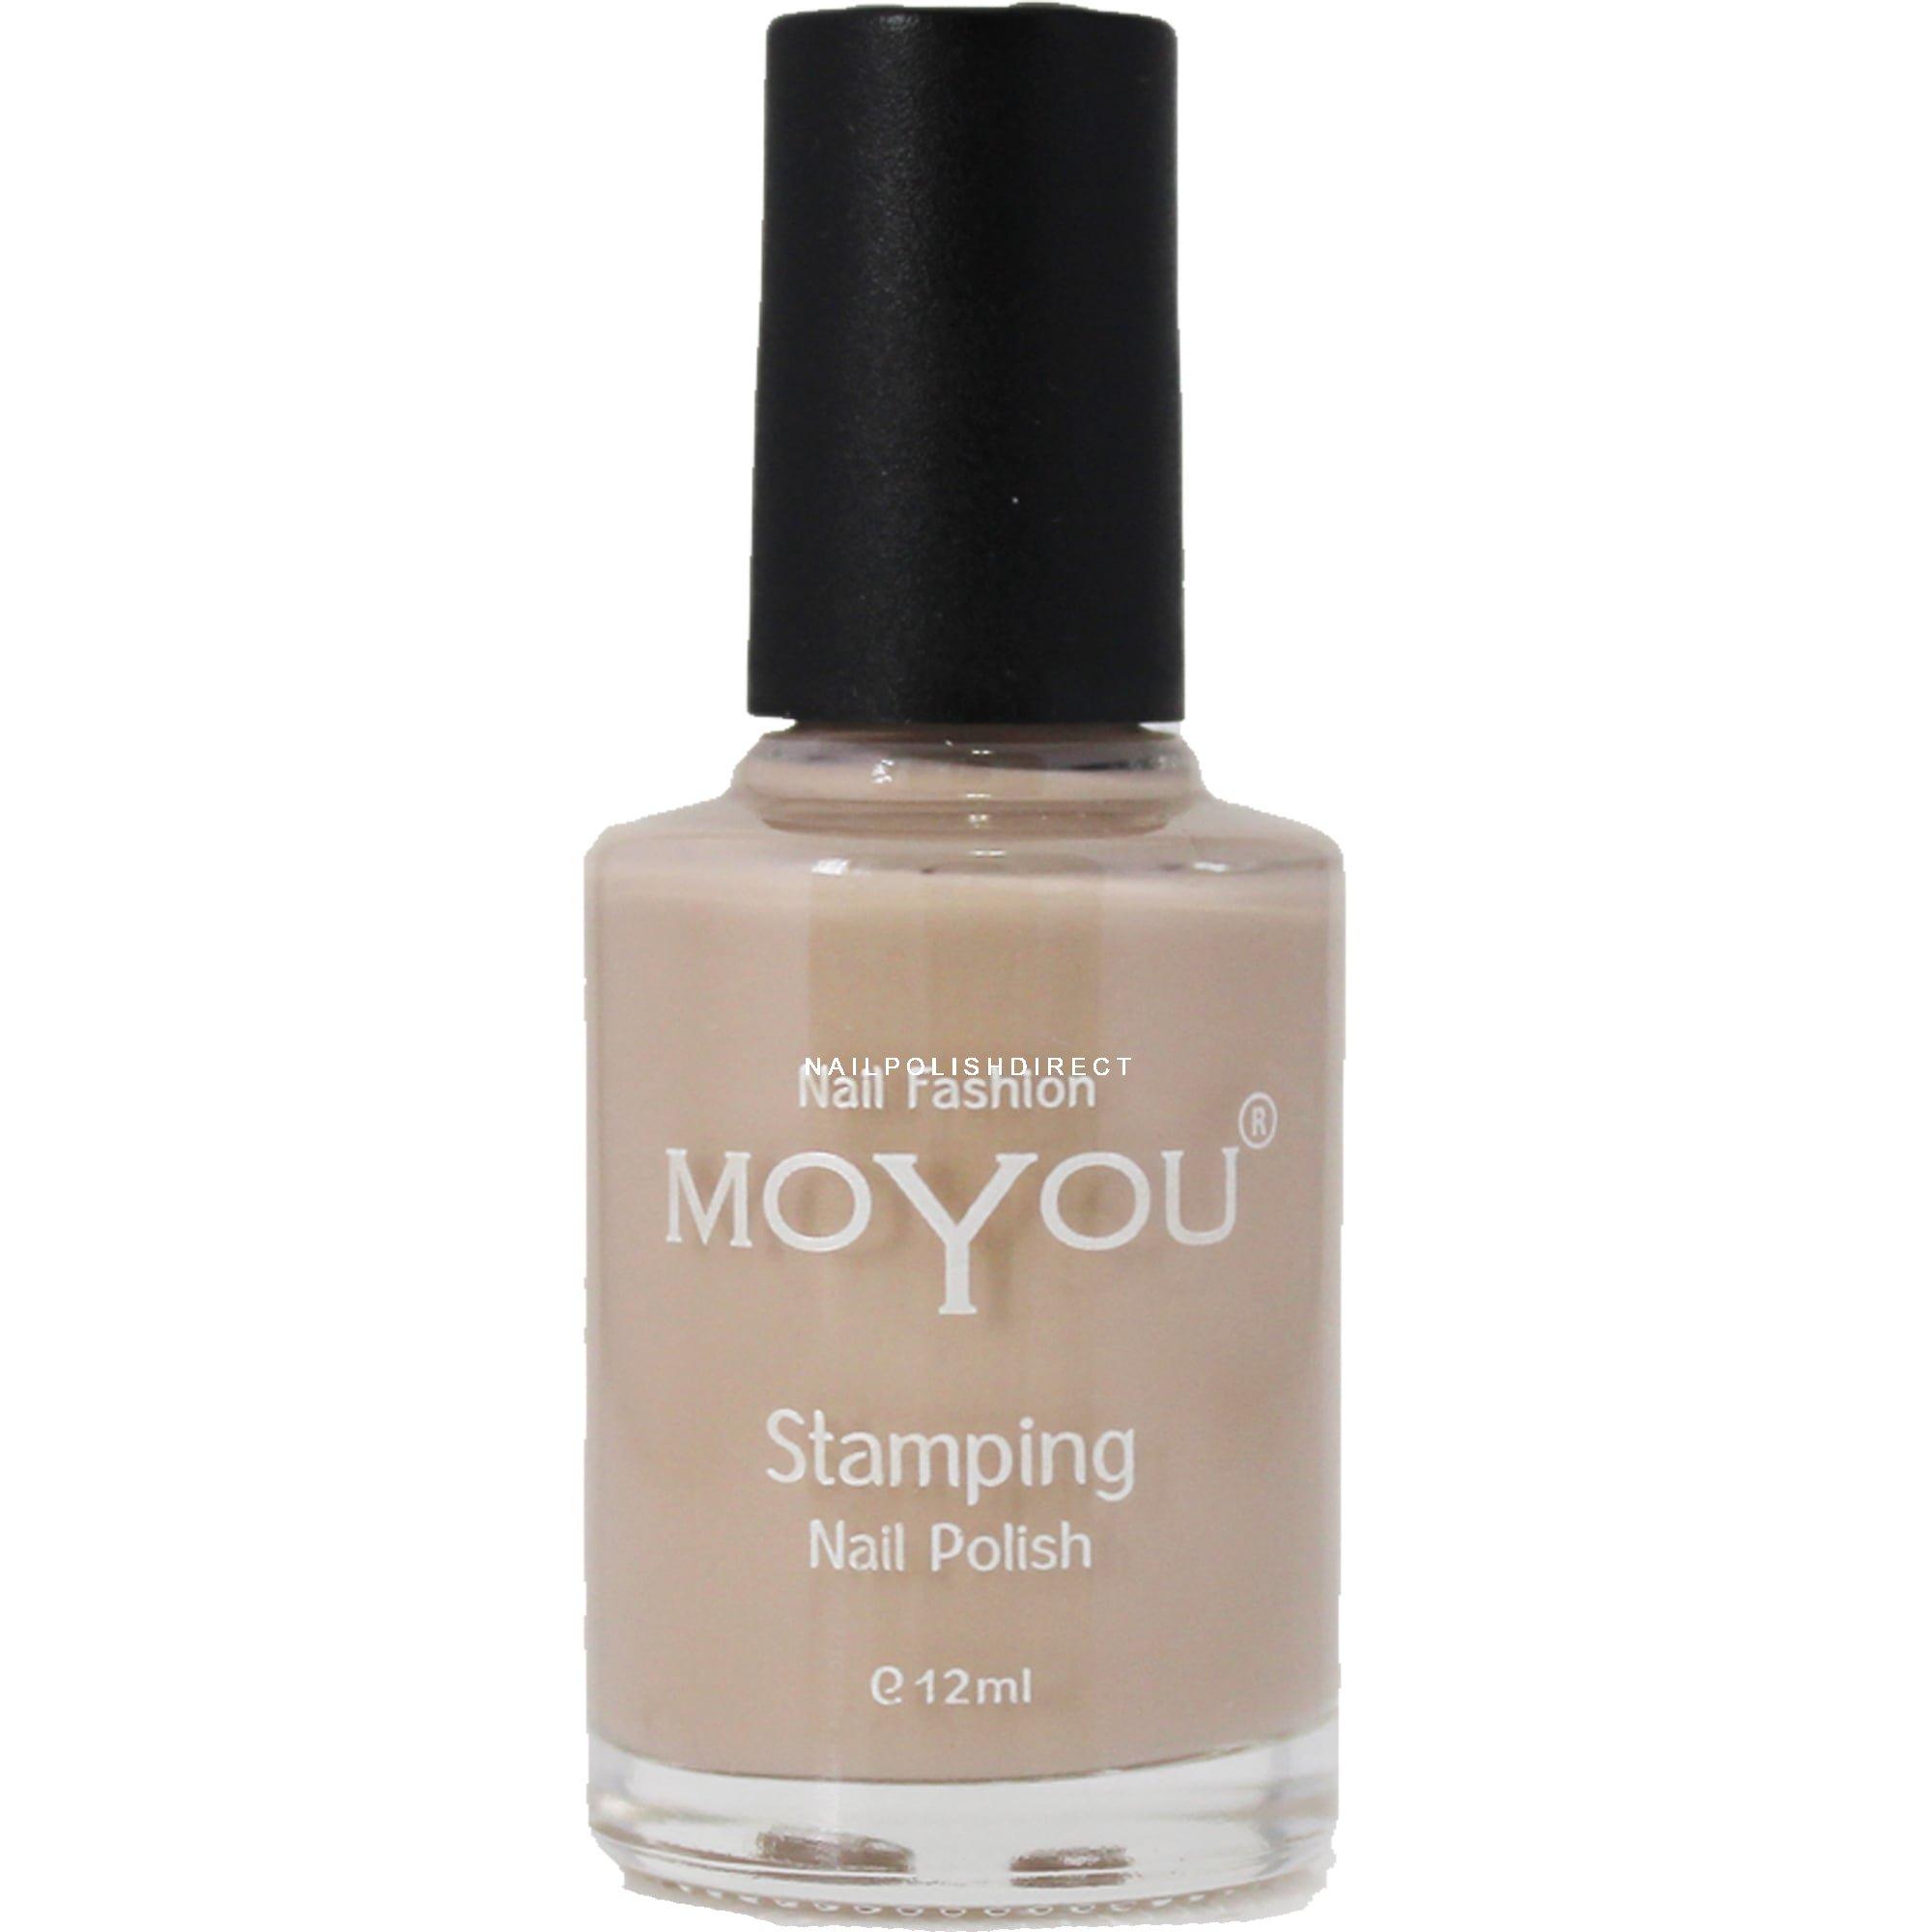 Moyou Stamping Nail Art Special Nail Polish Sandstorm 12ml